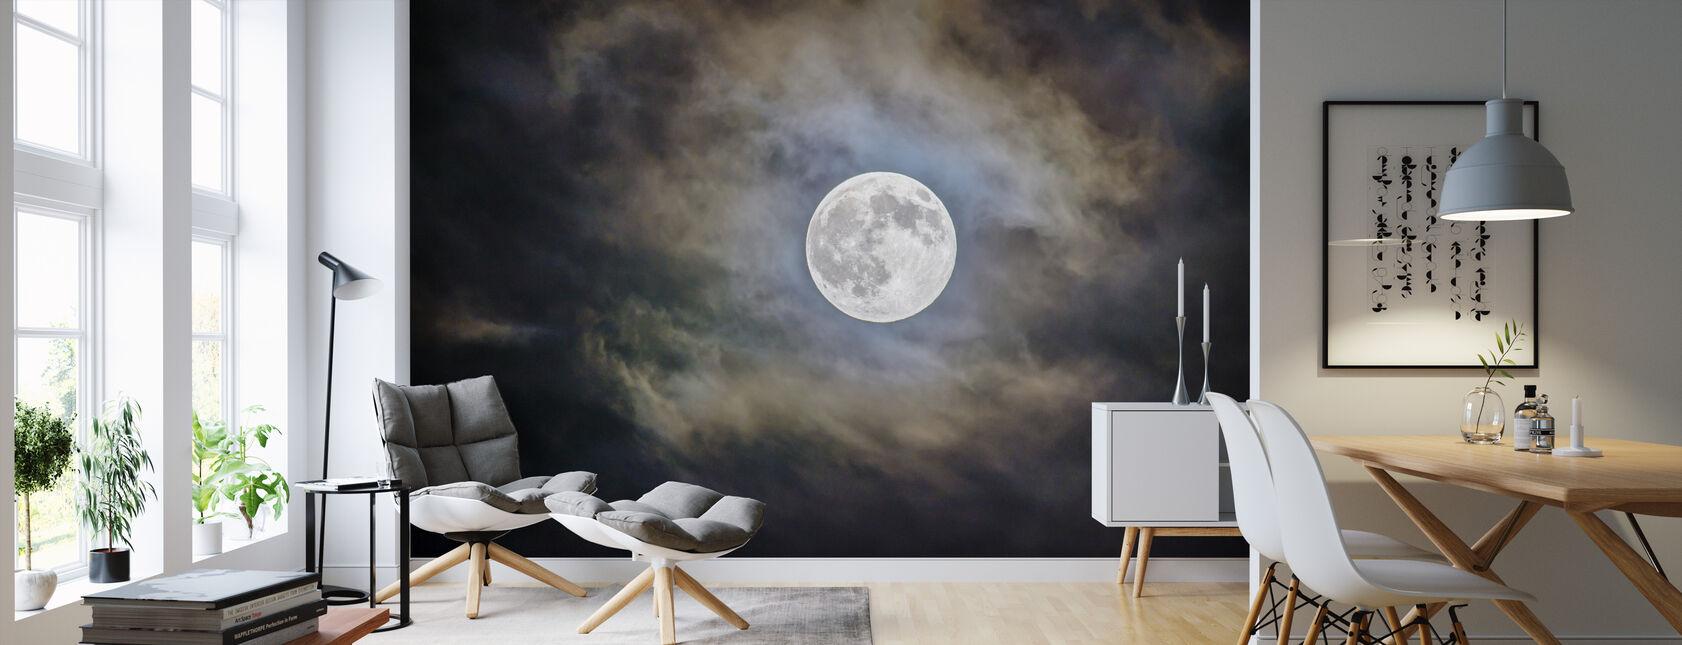 Tähtitiede & avaruus